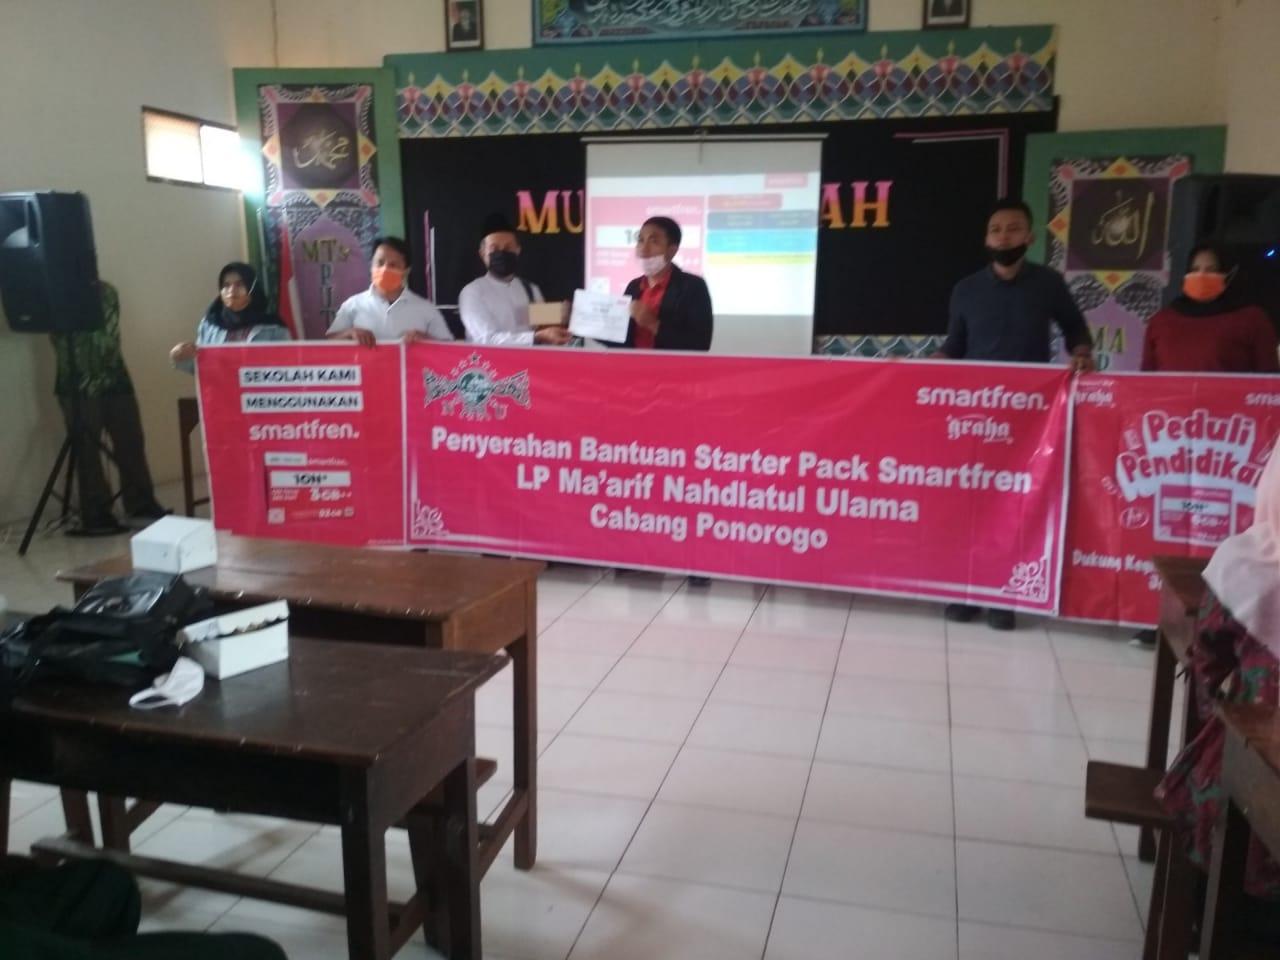 Penyerahan kartu perdana dari Deputy CEO PT Smartfren Telecom Tbk. kepada LP Ma'arif NU